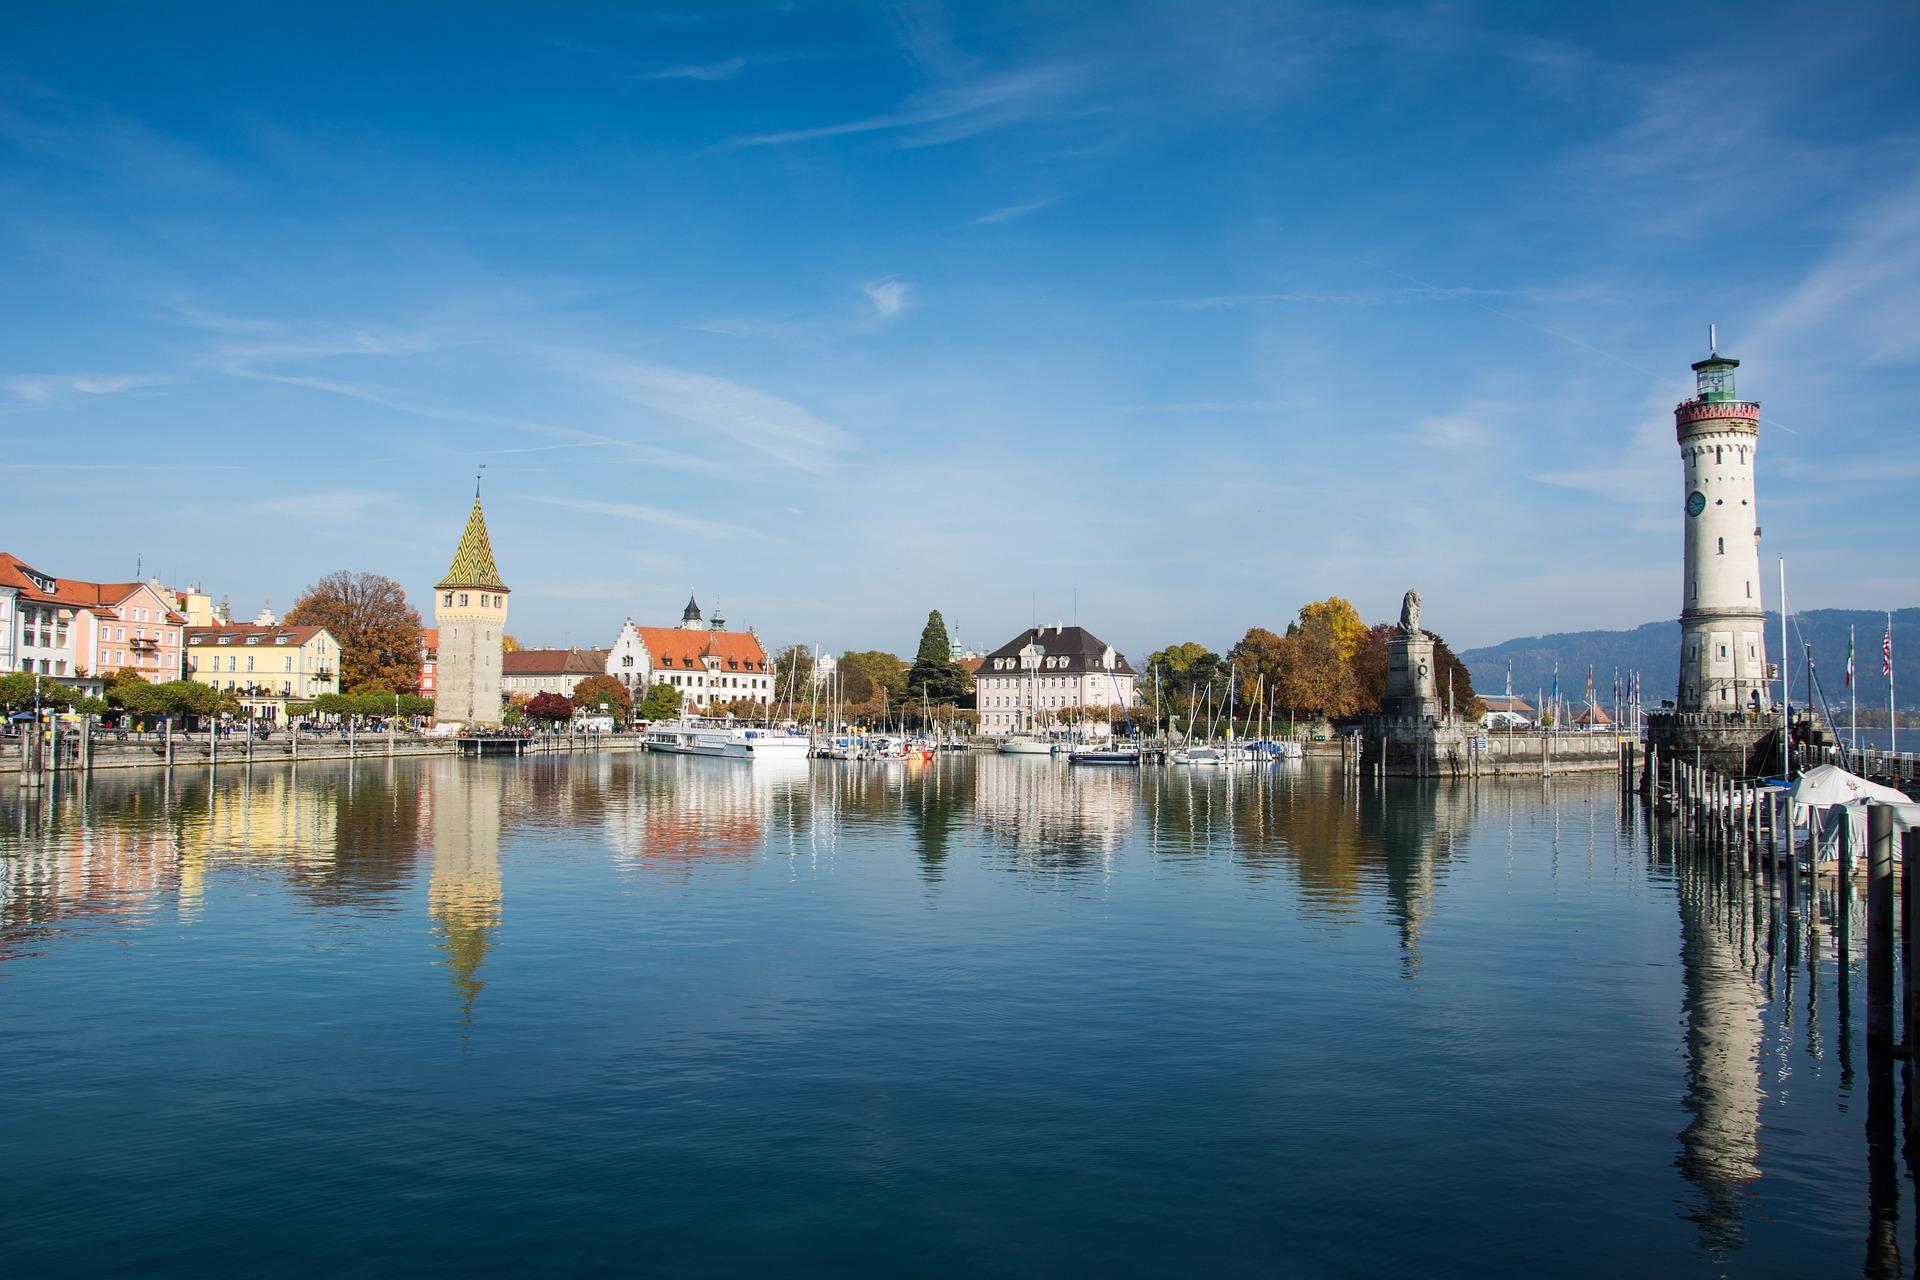 Hafen-Lindau